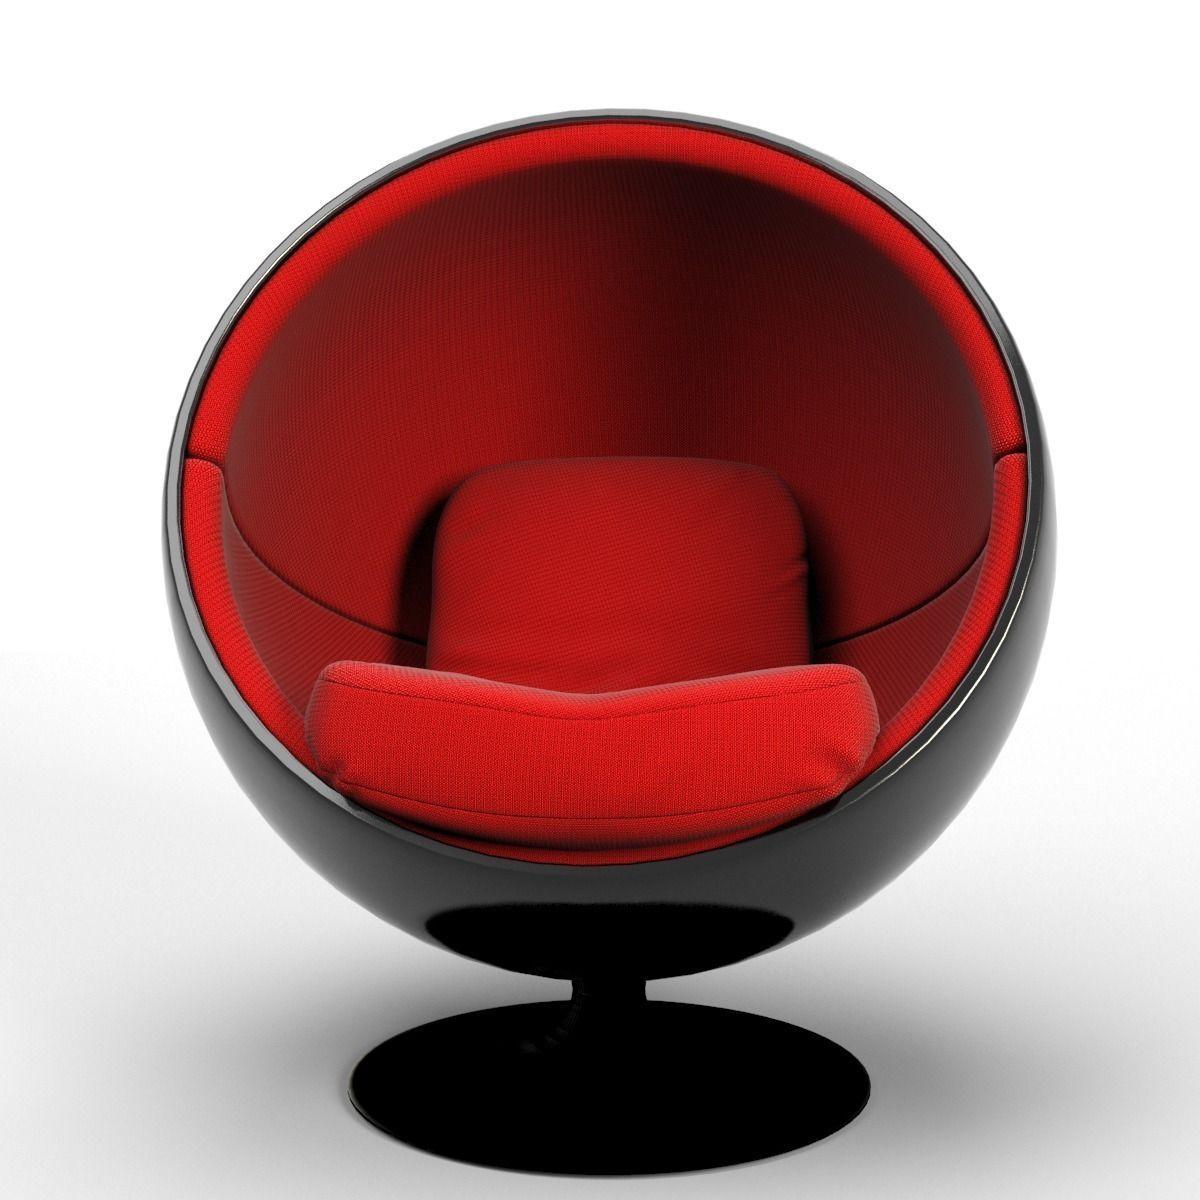 Ball chair.